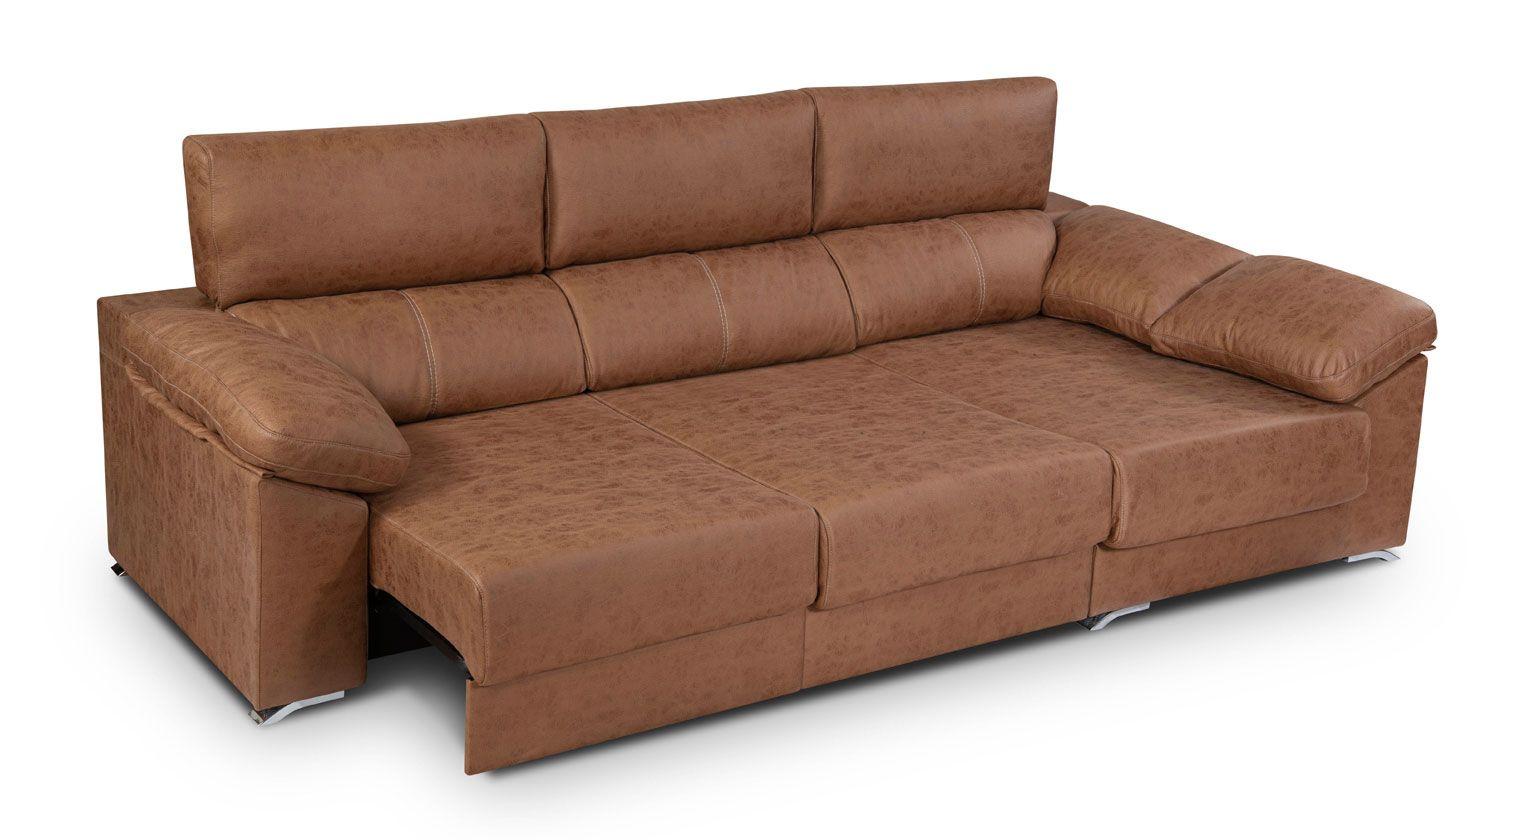 Chaise Longue Tela Lleida Chaise Longue Tela ~ Cuanto Cuesta Tapizar Un Sofa Chaise Longue